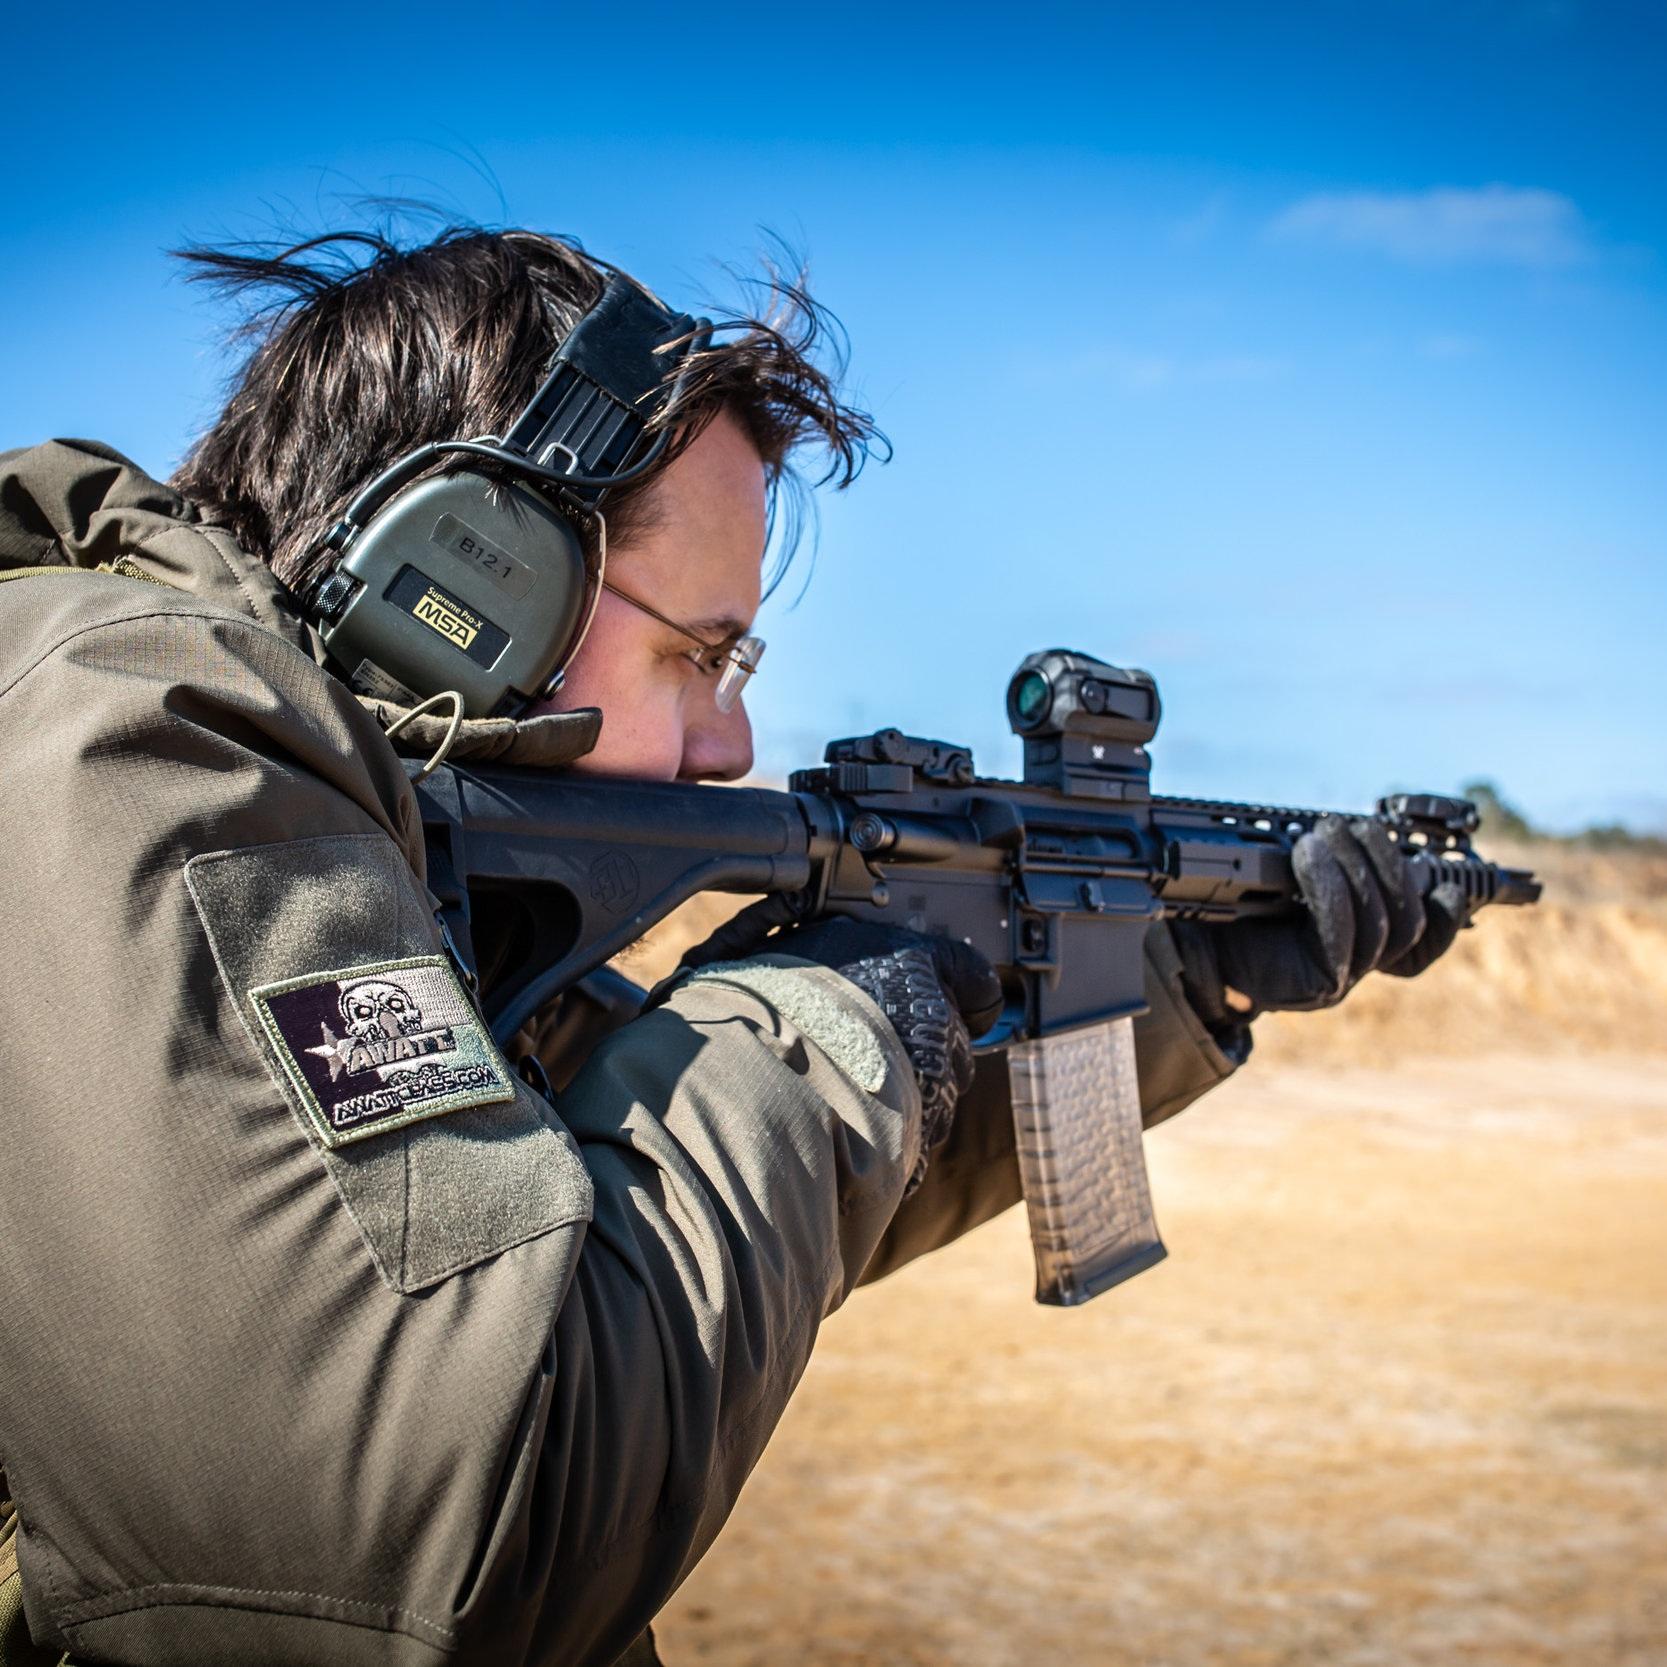 2019_01_14_USA_Texas_MO_Shootingrange_Riffles_078.jpg